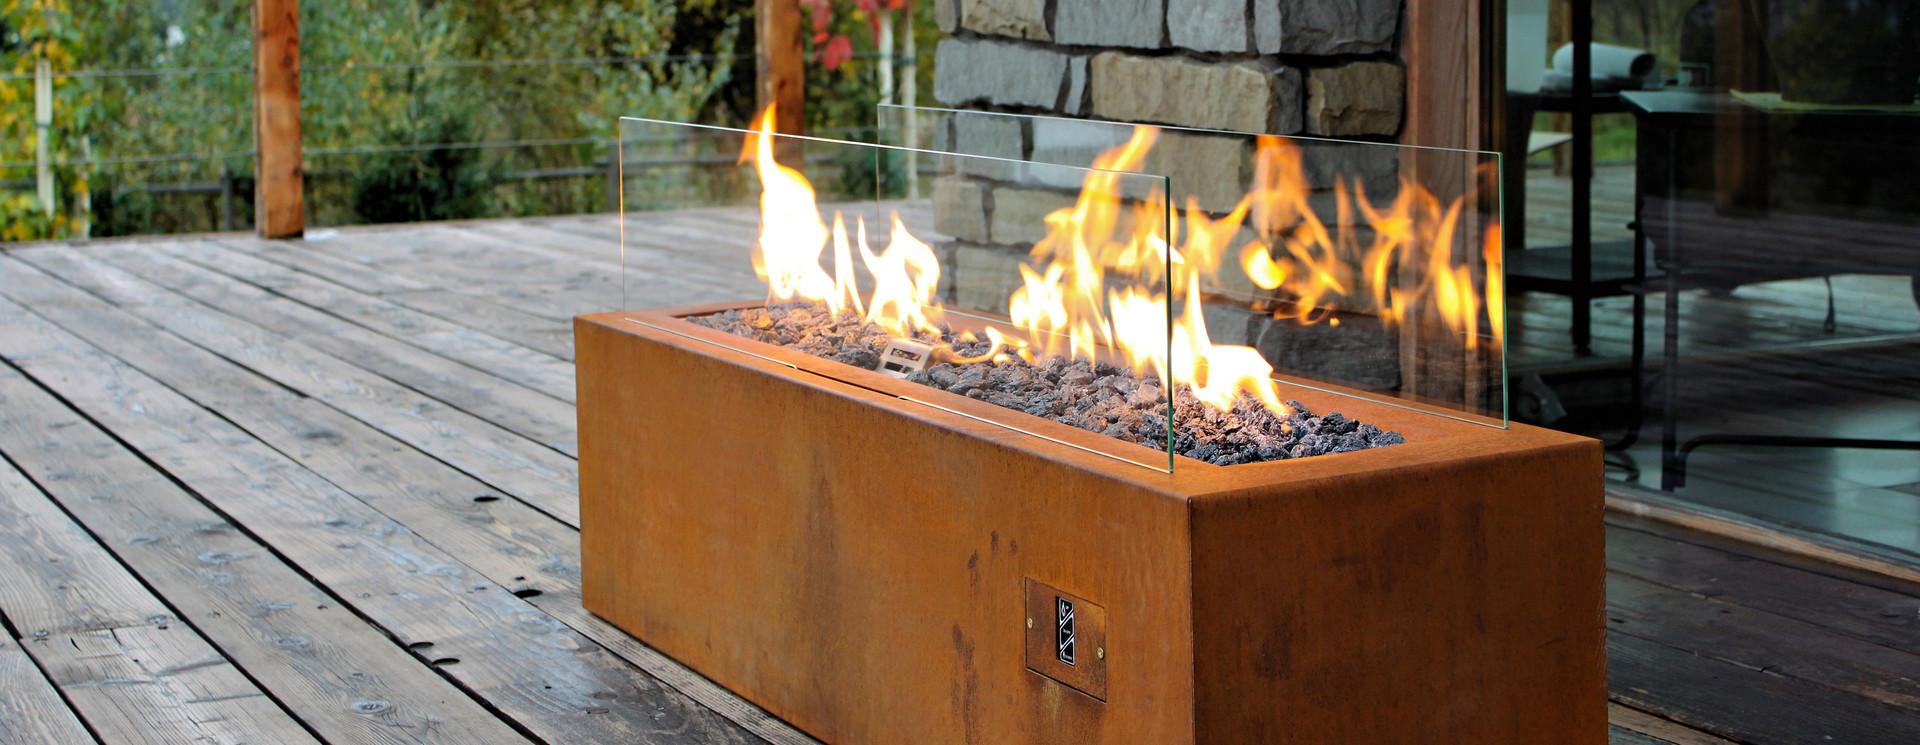 Open gas fires